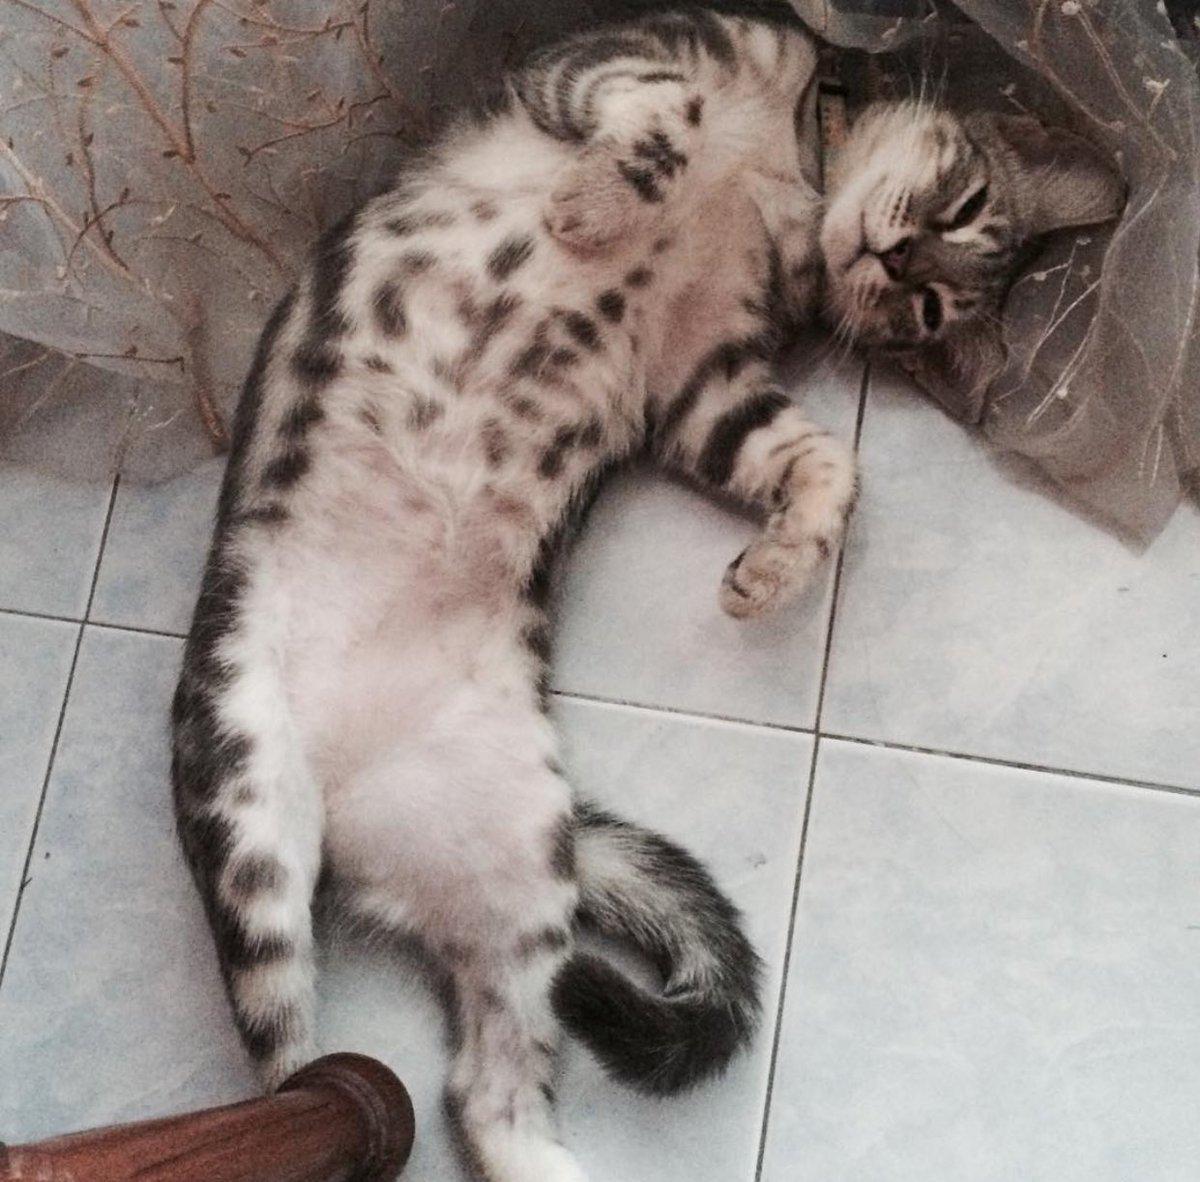 @tweet_batupahat Kucing hilang